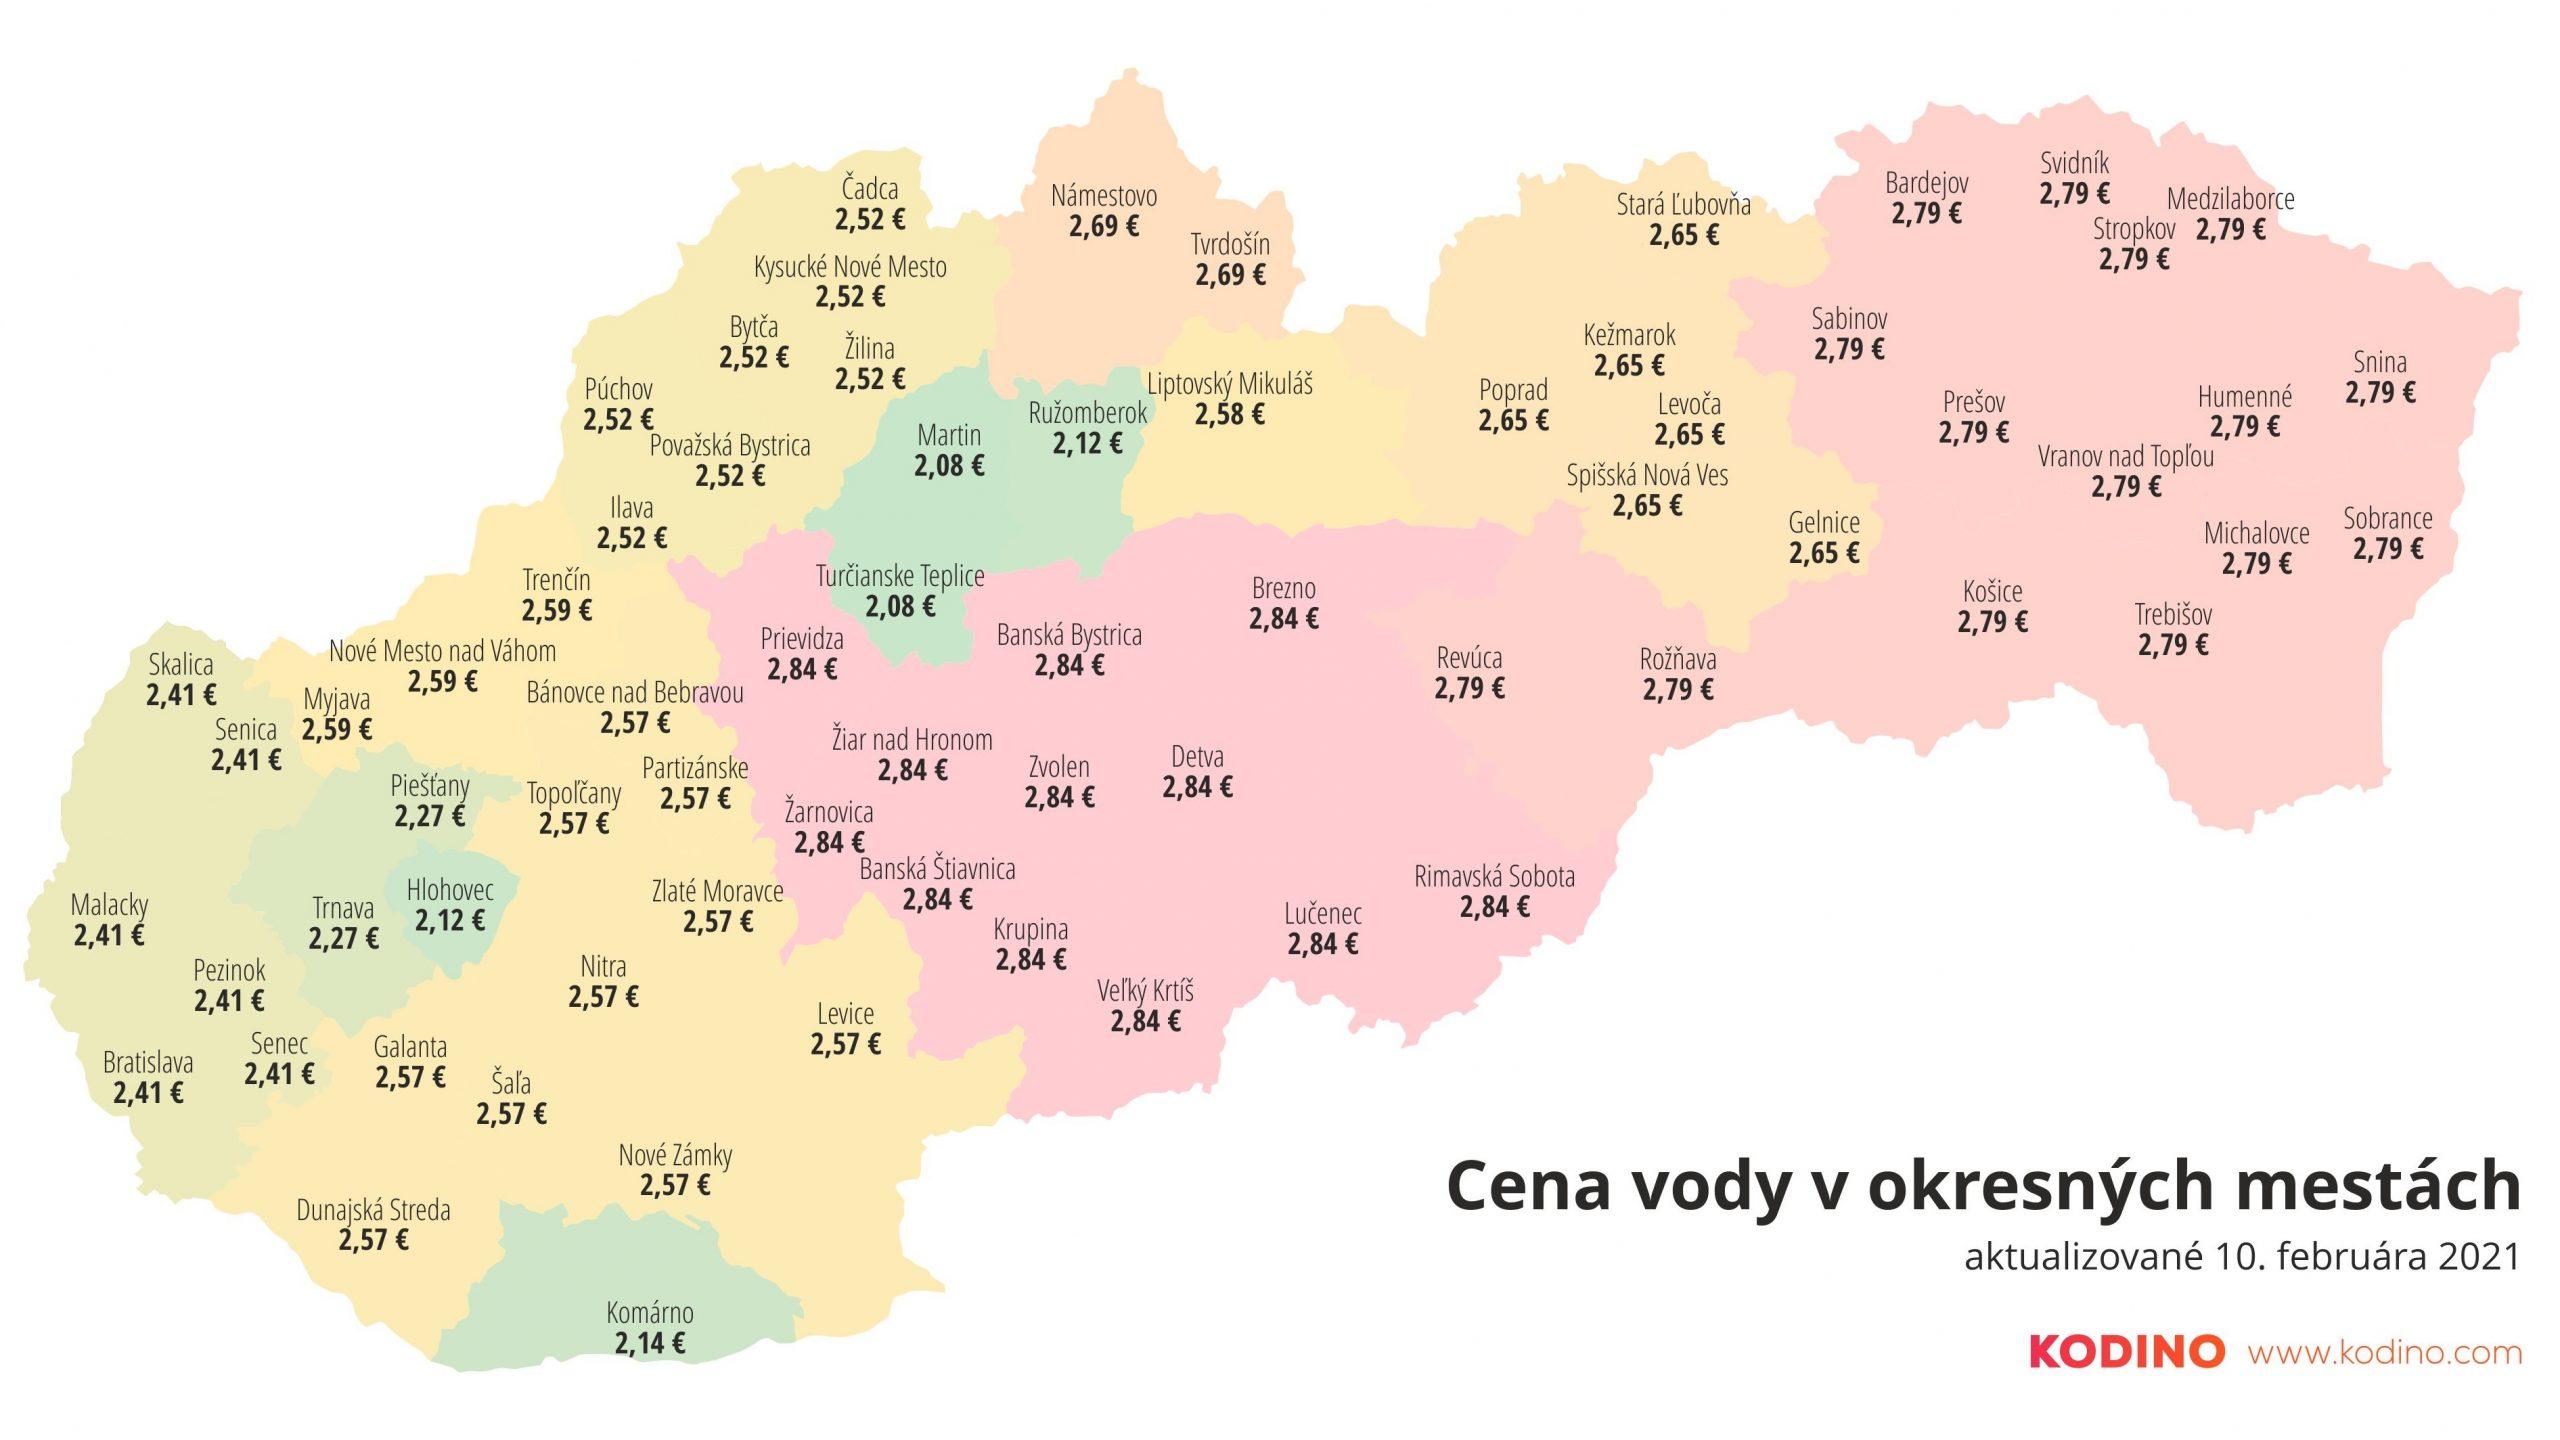 Cena vody 2021: Aktuálny prehľad pre 103 slovenských miest